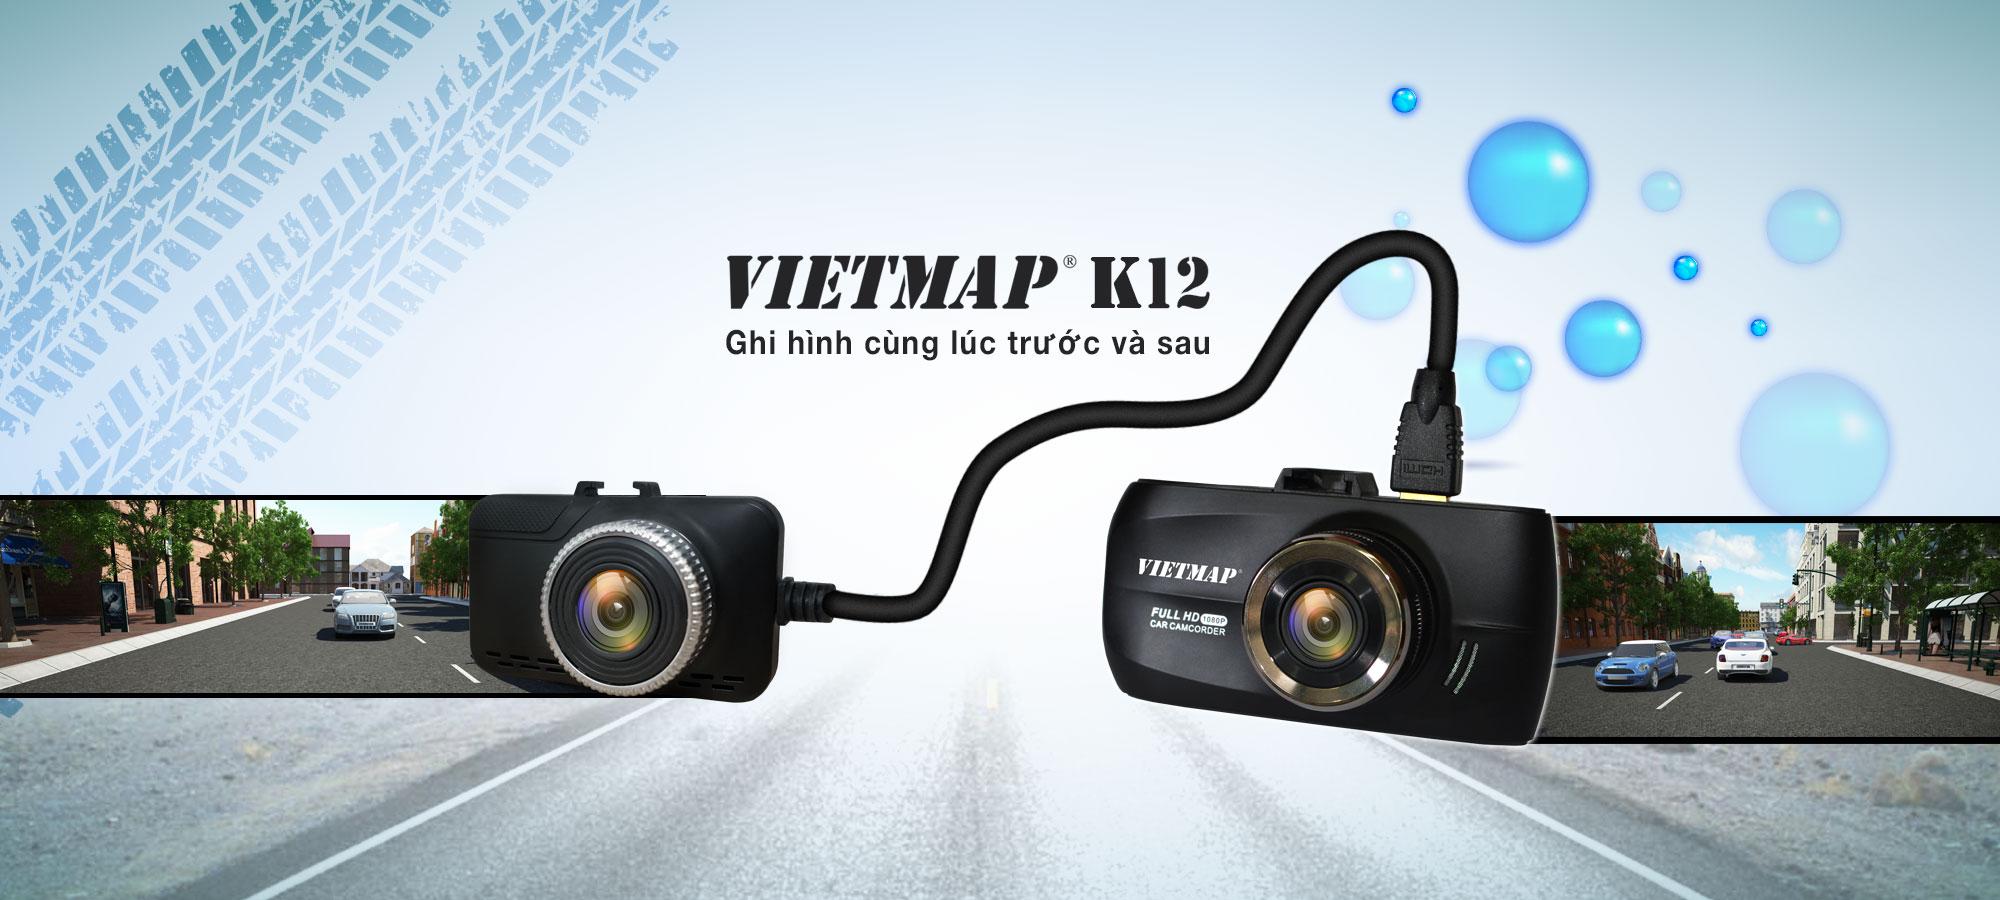 Thành Nam nhận lắp camera hành trình ô tô tại Hà Nội miễn phí 100$ công lắp đặt